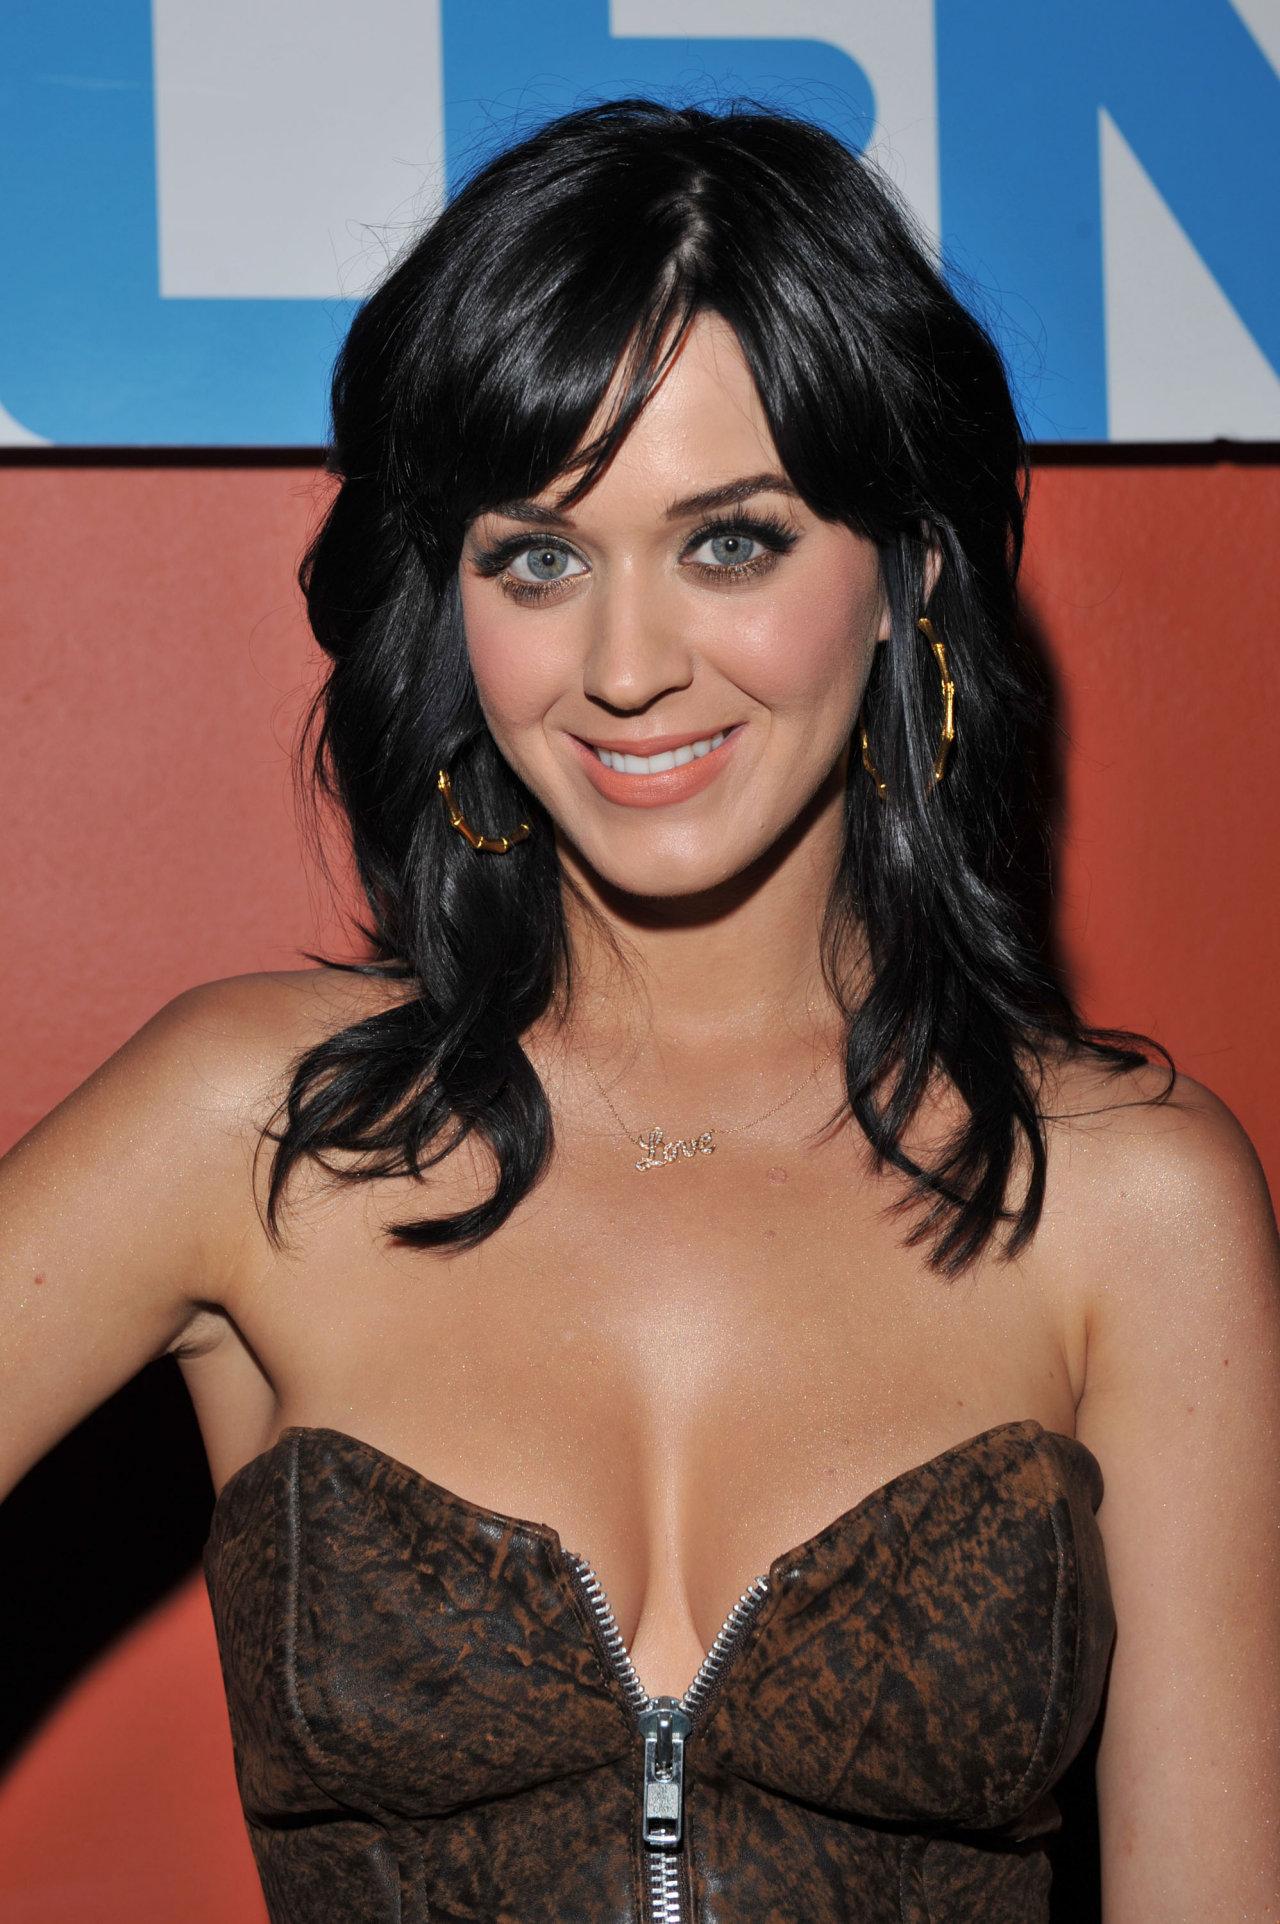 Foto de Katy Perry  número 15240